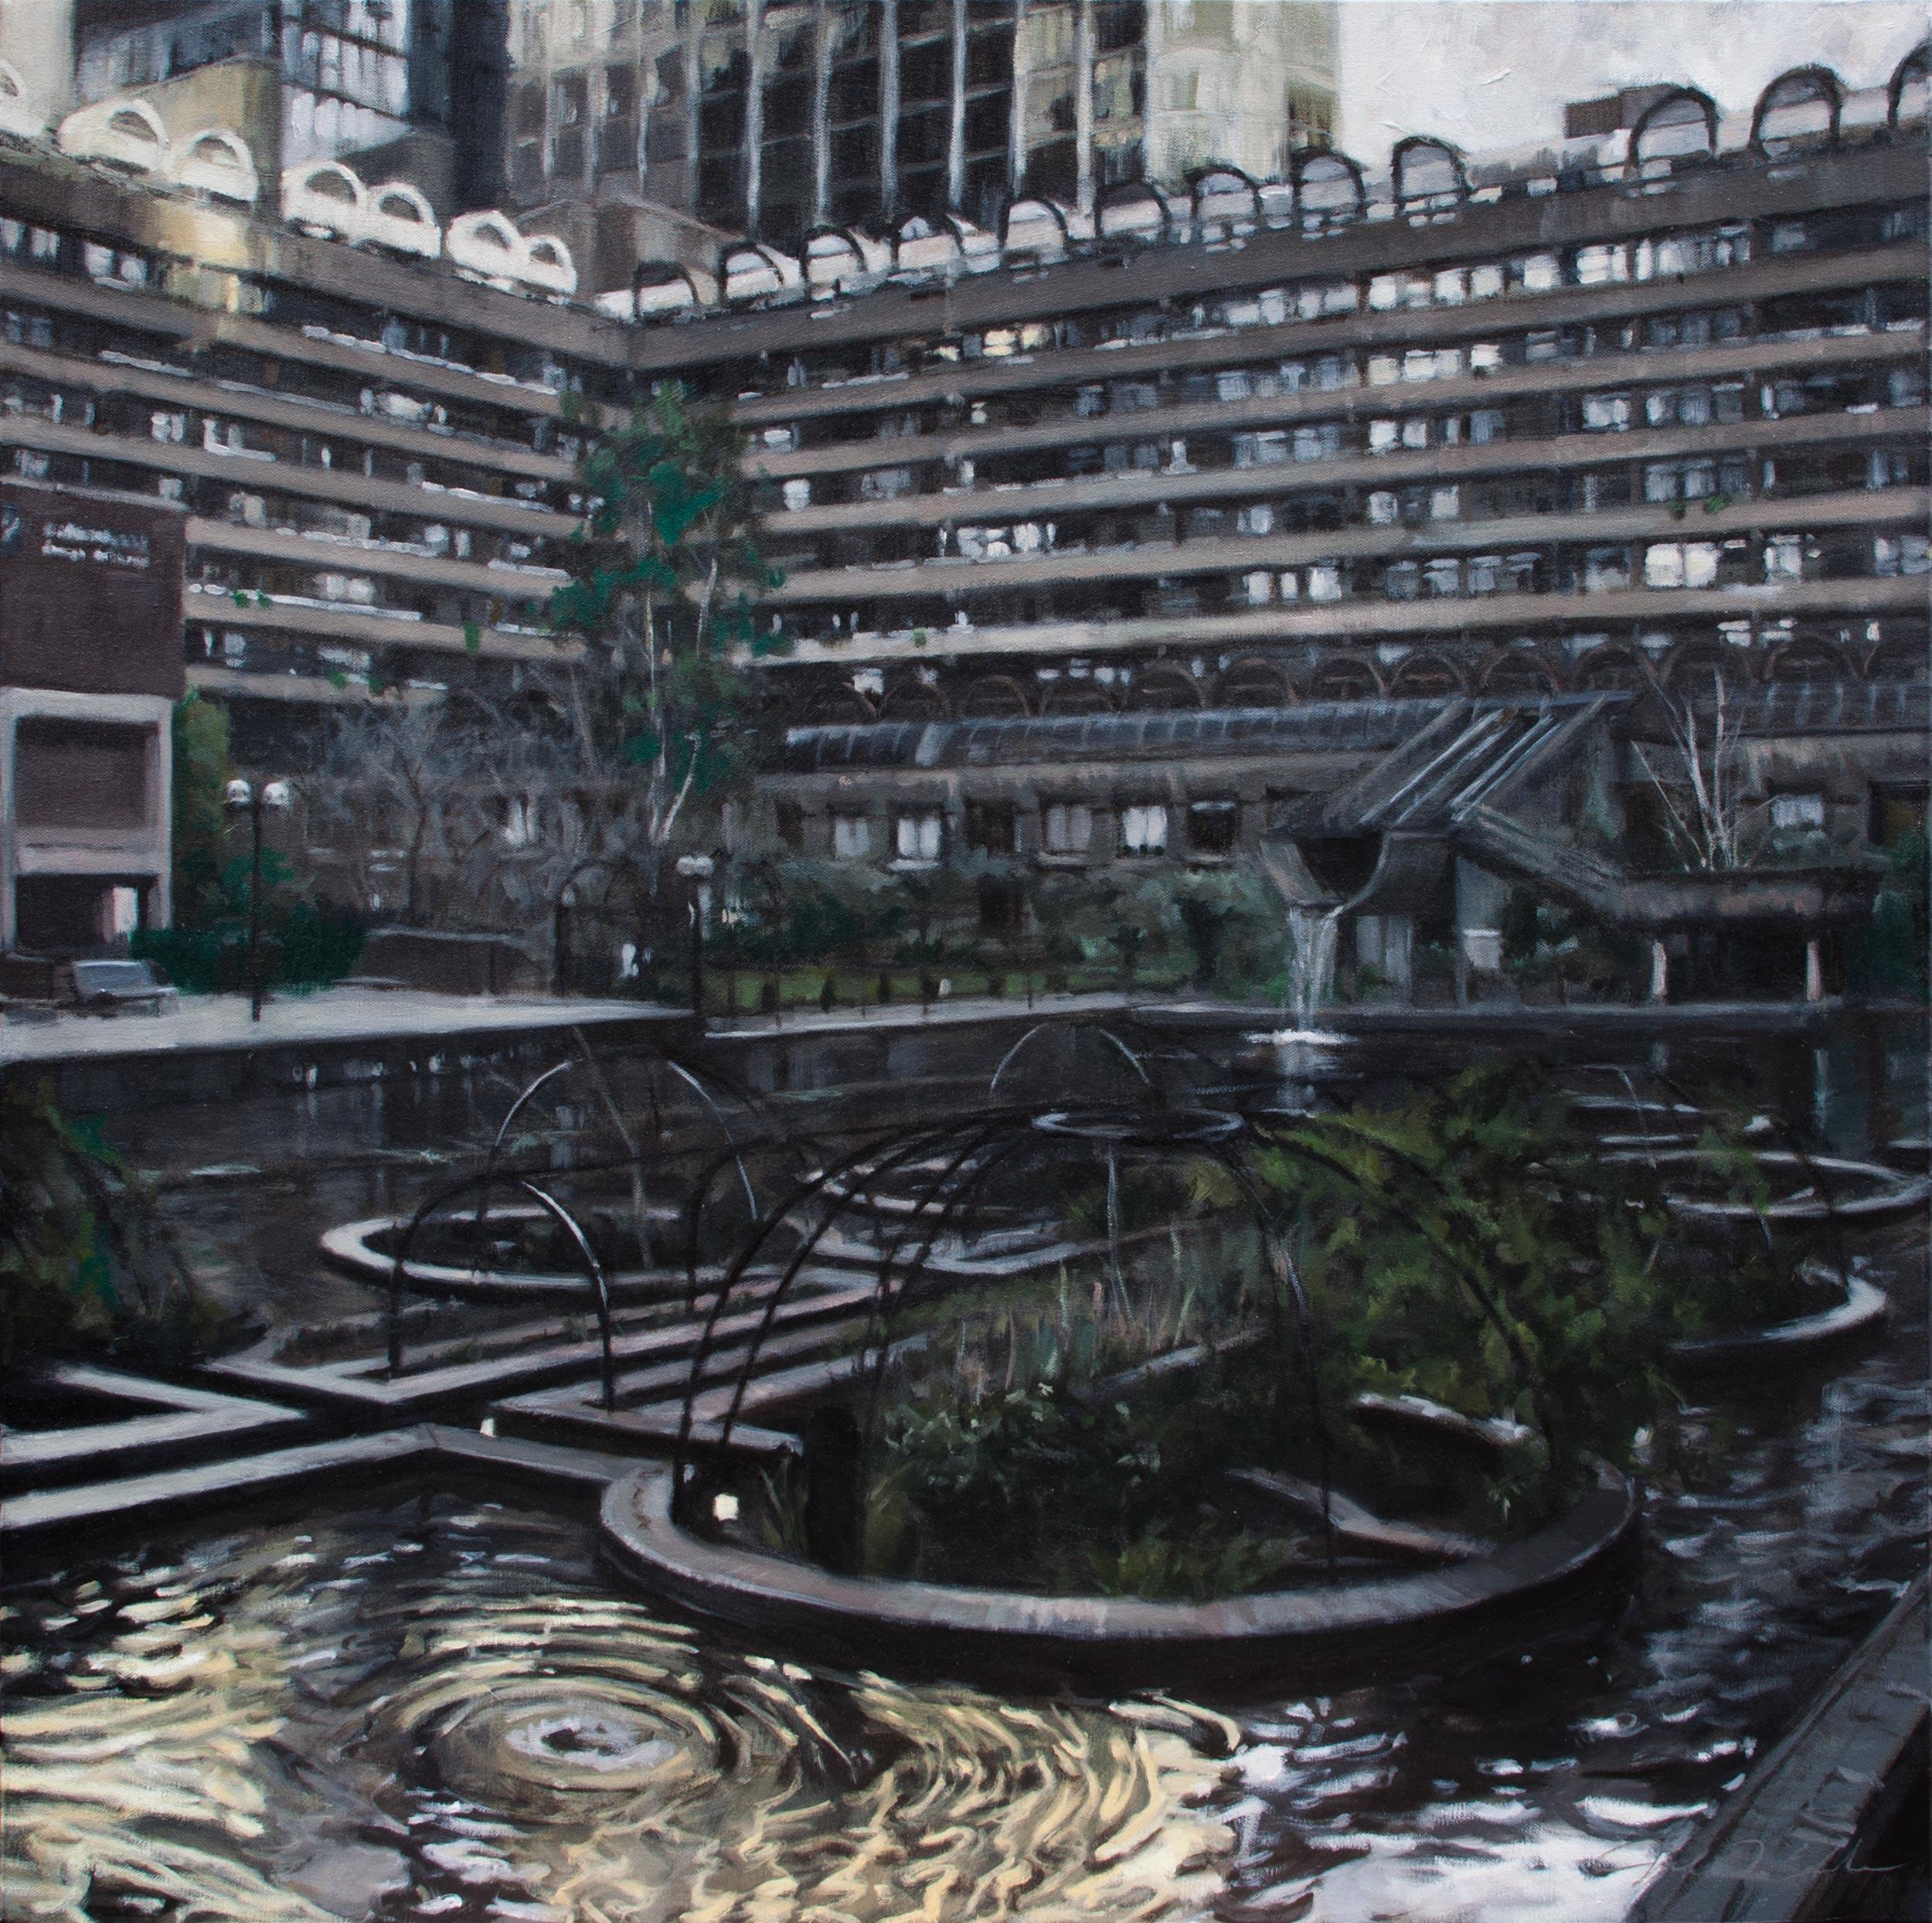 Barbican-Igloos-web.jpg